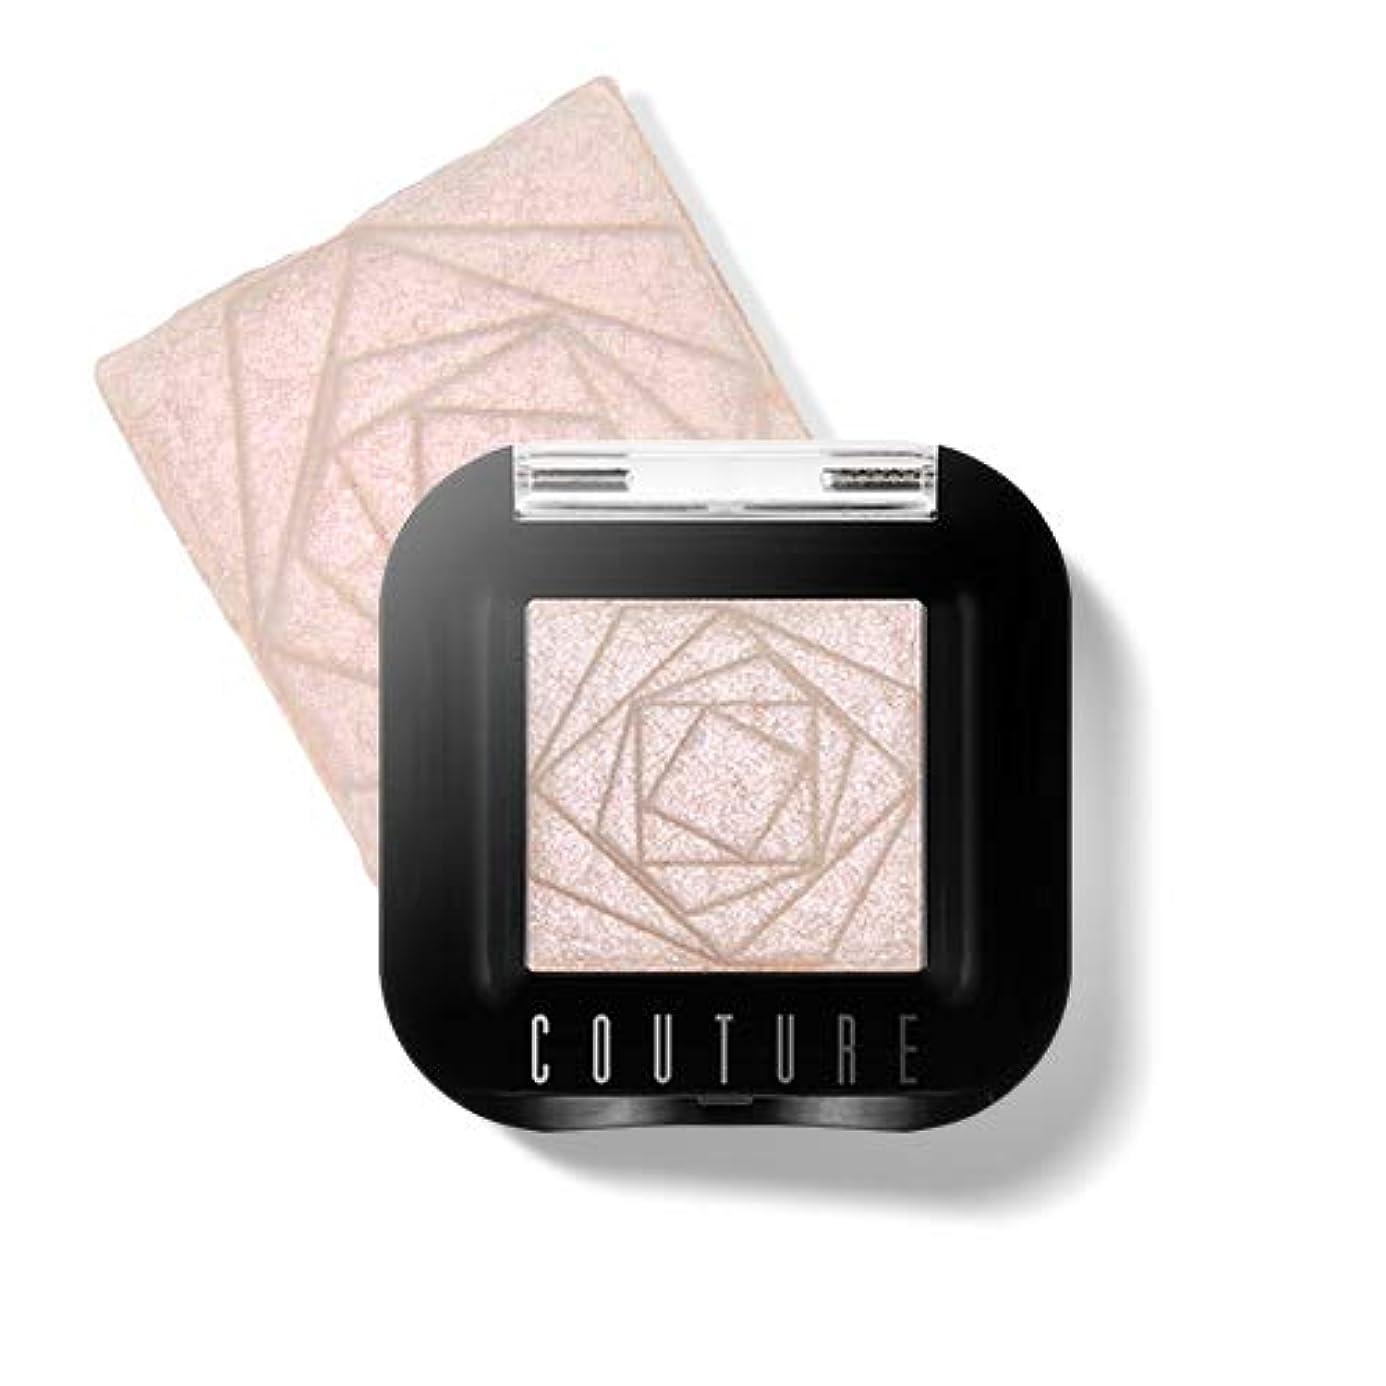 無条件セーブコーラスAPIEU Couture Shadow (# 27) /アピュ/オピュ クチュールシャドウ 1.7g [並行輸入品]